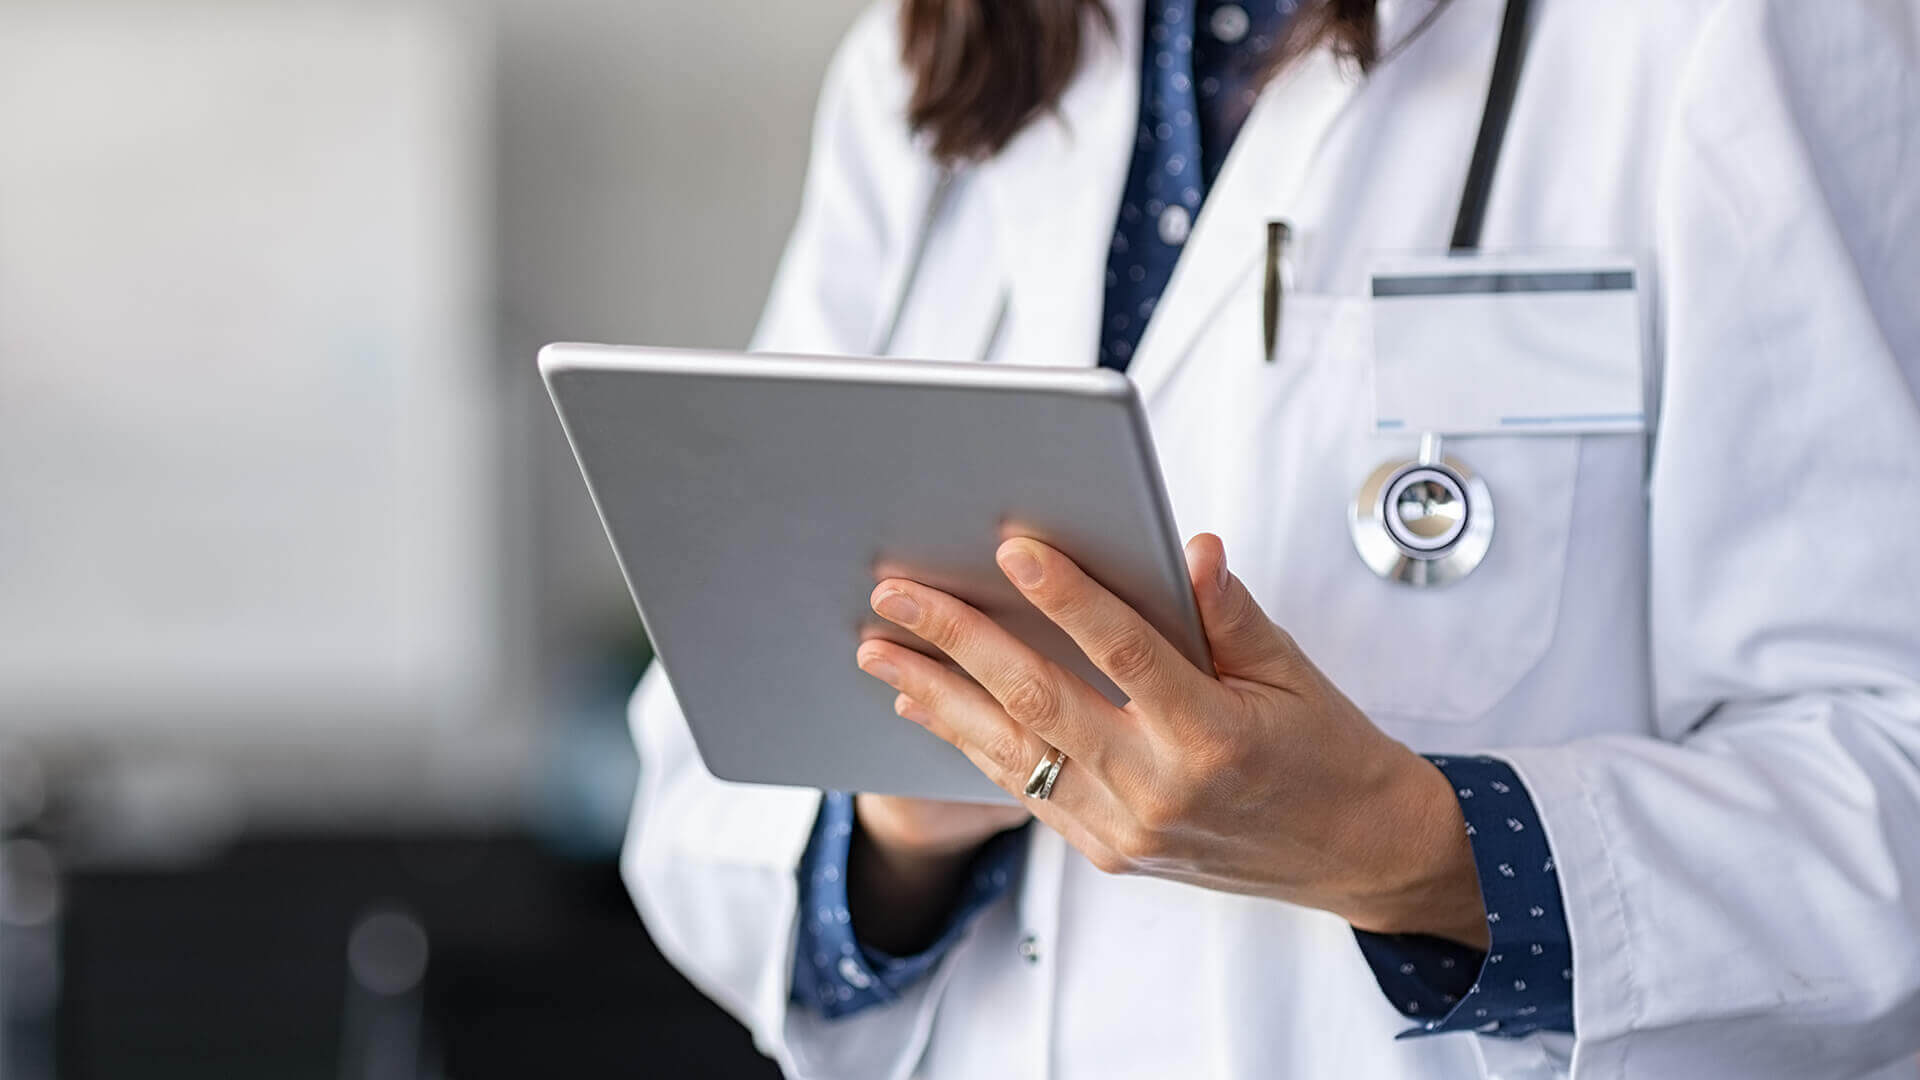 Prace serwisowe ZUS - lekarka pracująca z tabletem